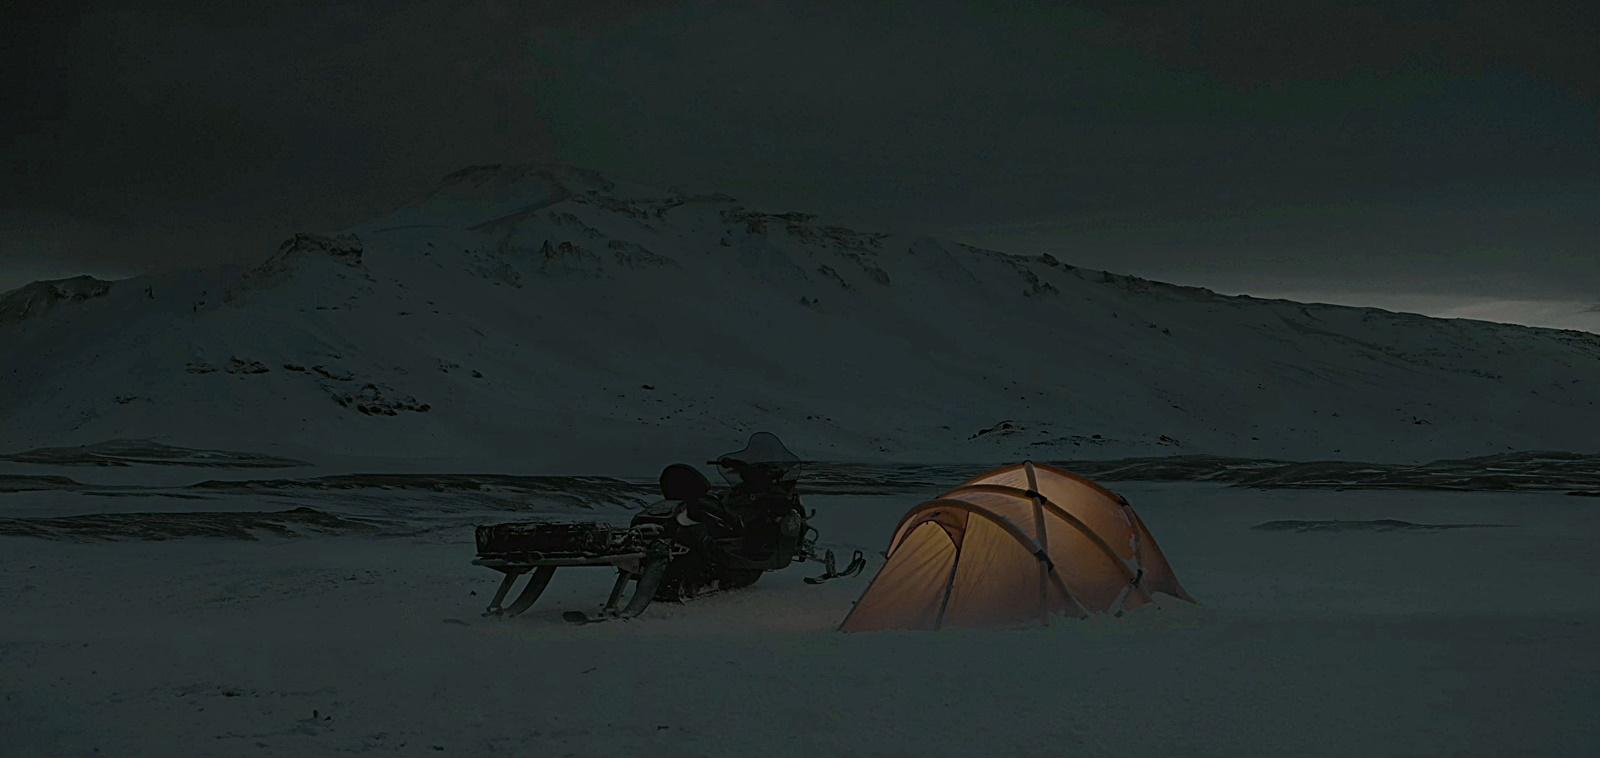 북극 야영 텐트 밤